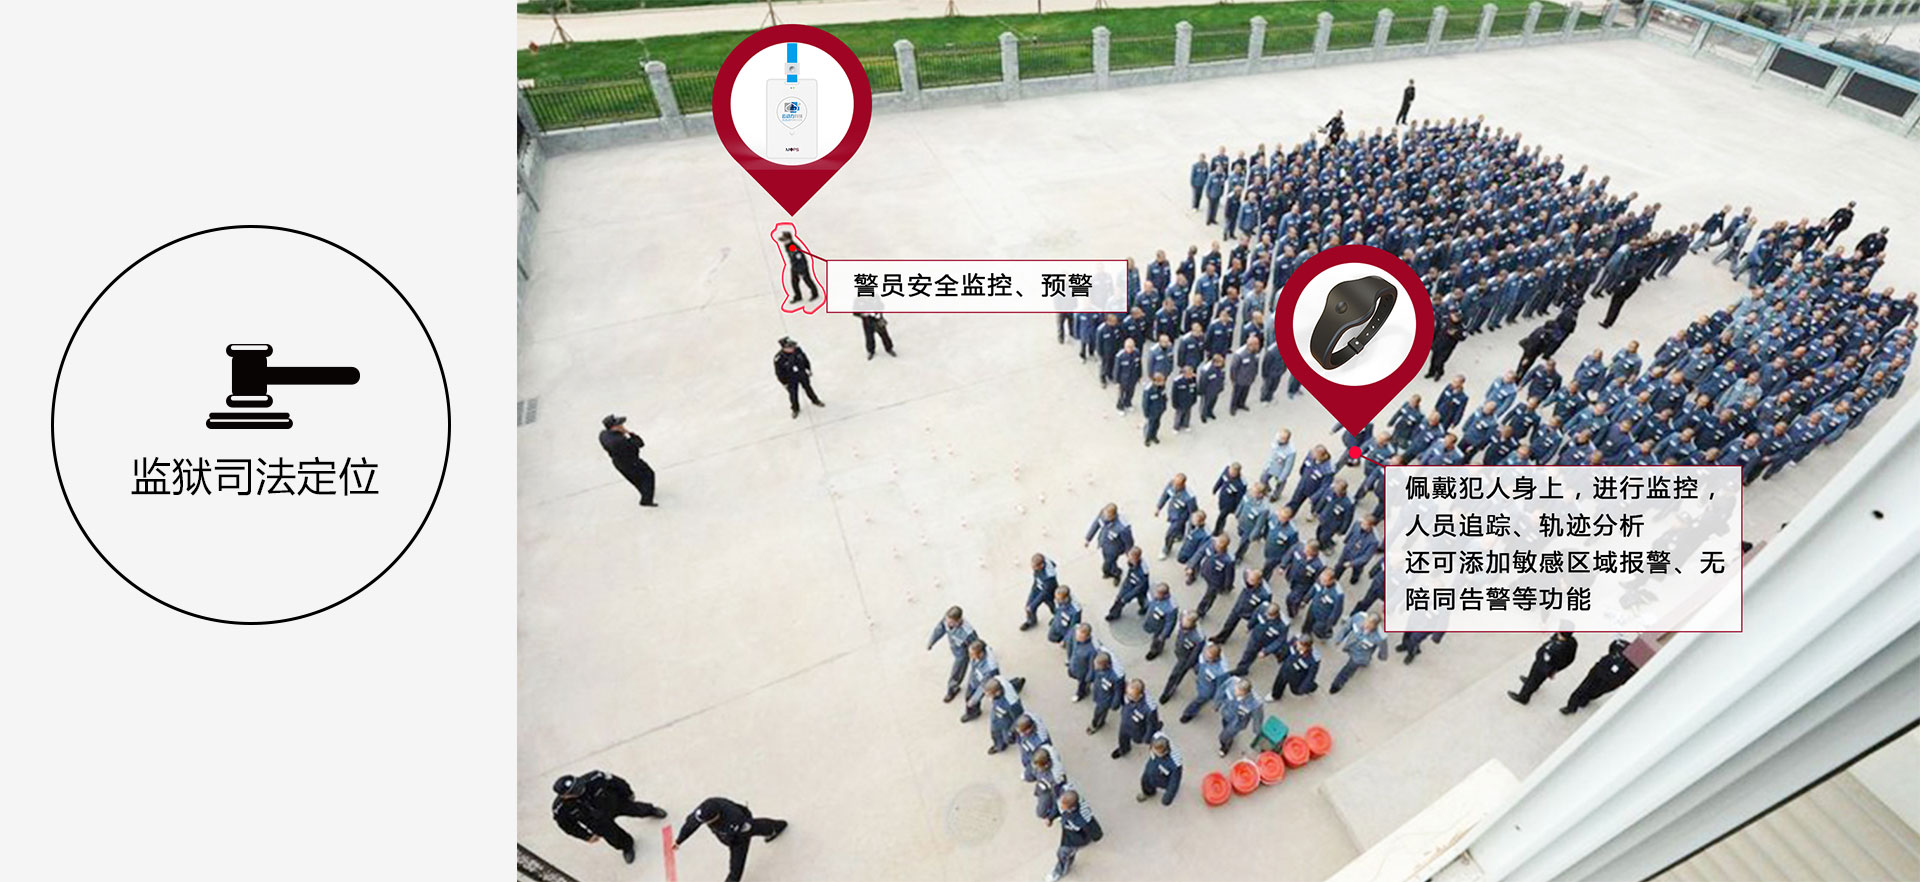 监狱司法定位,警员安全监控、预警。佩戴犯人身上,进行监控,人员追踪、轨迹分析 还可添加敏感区域报警、无陪同告警等功能